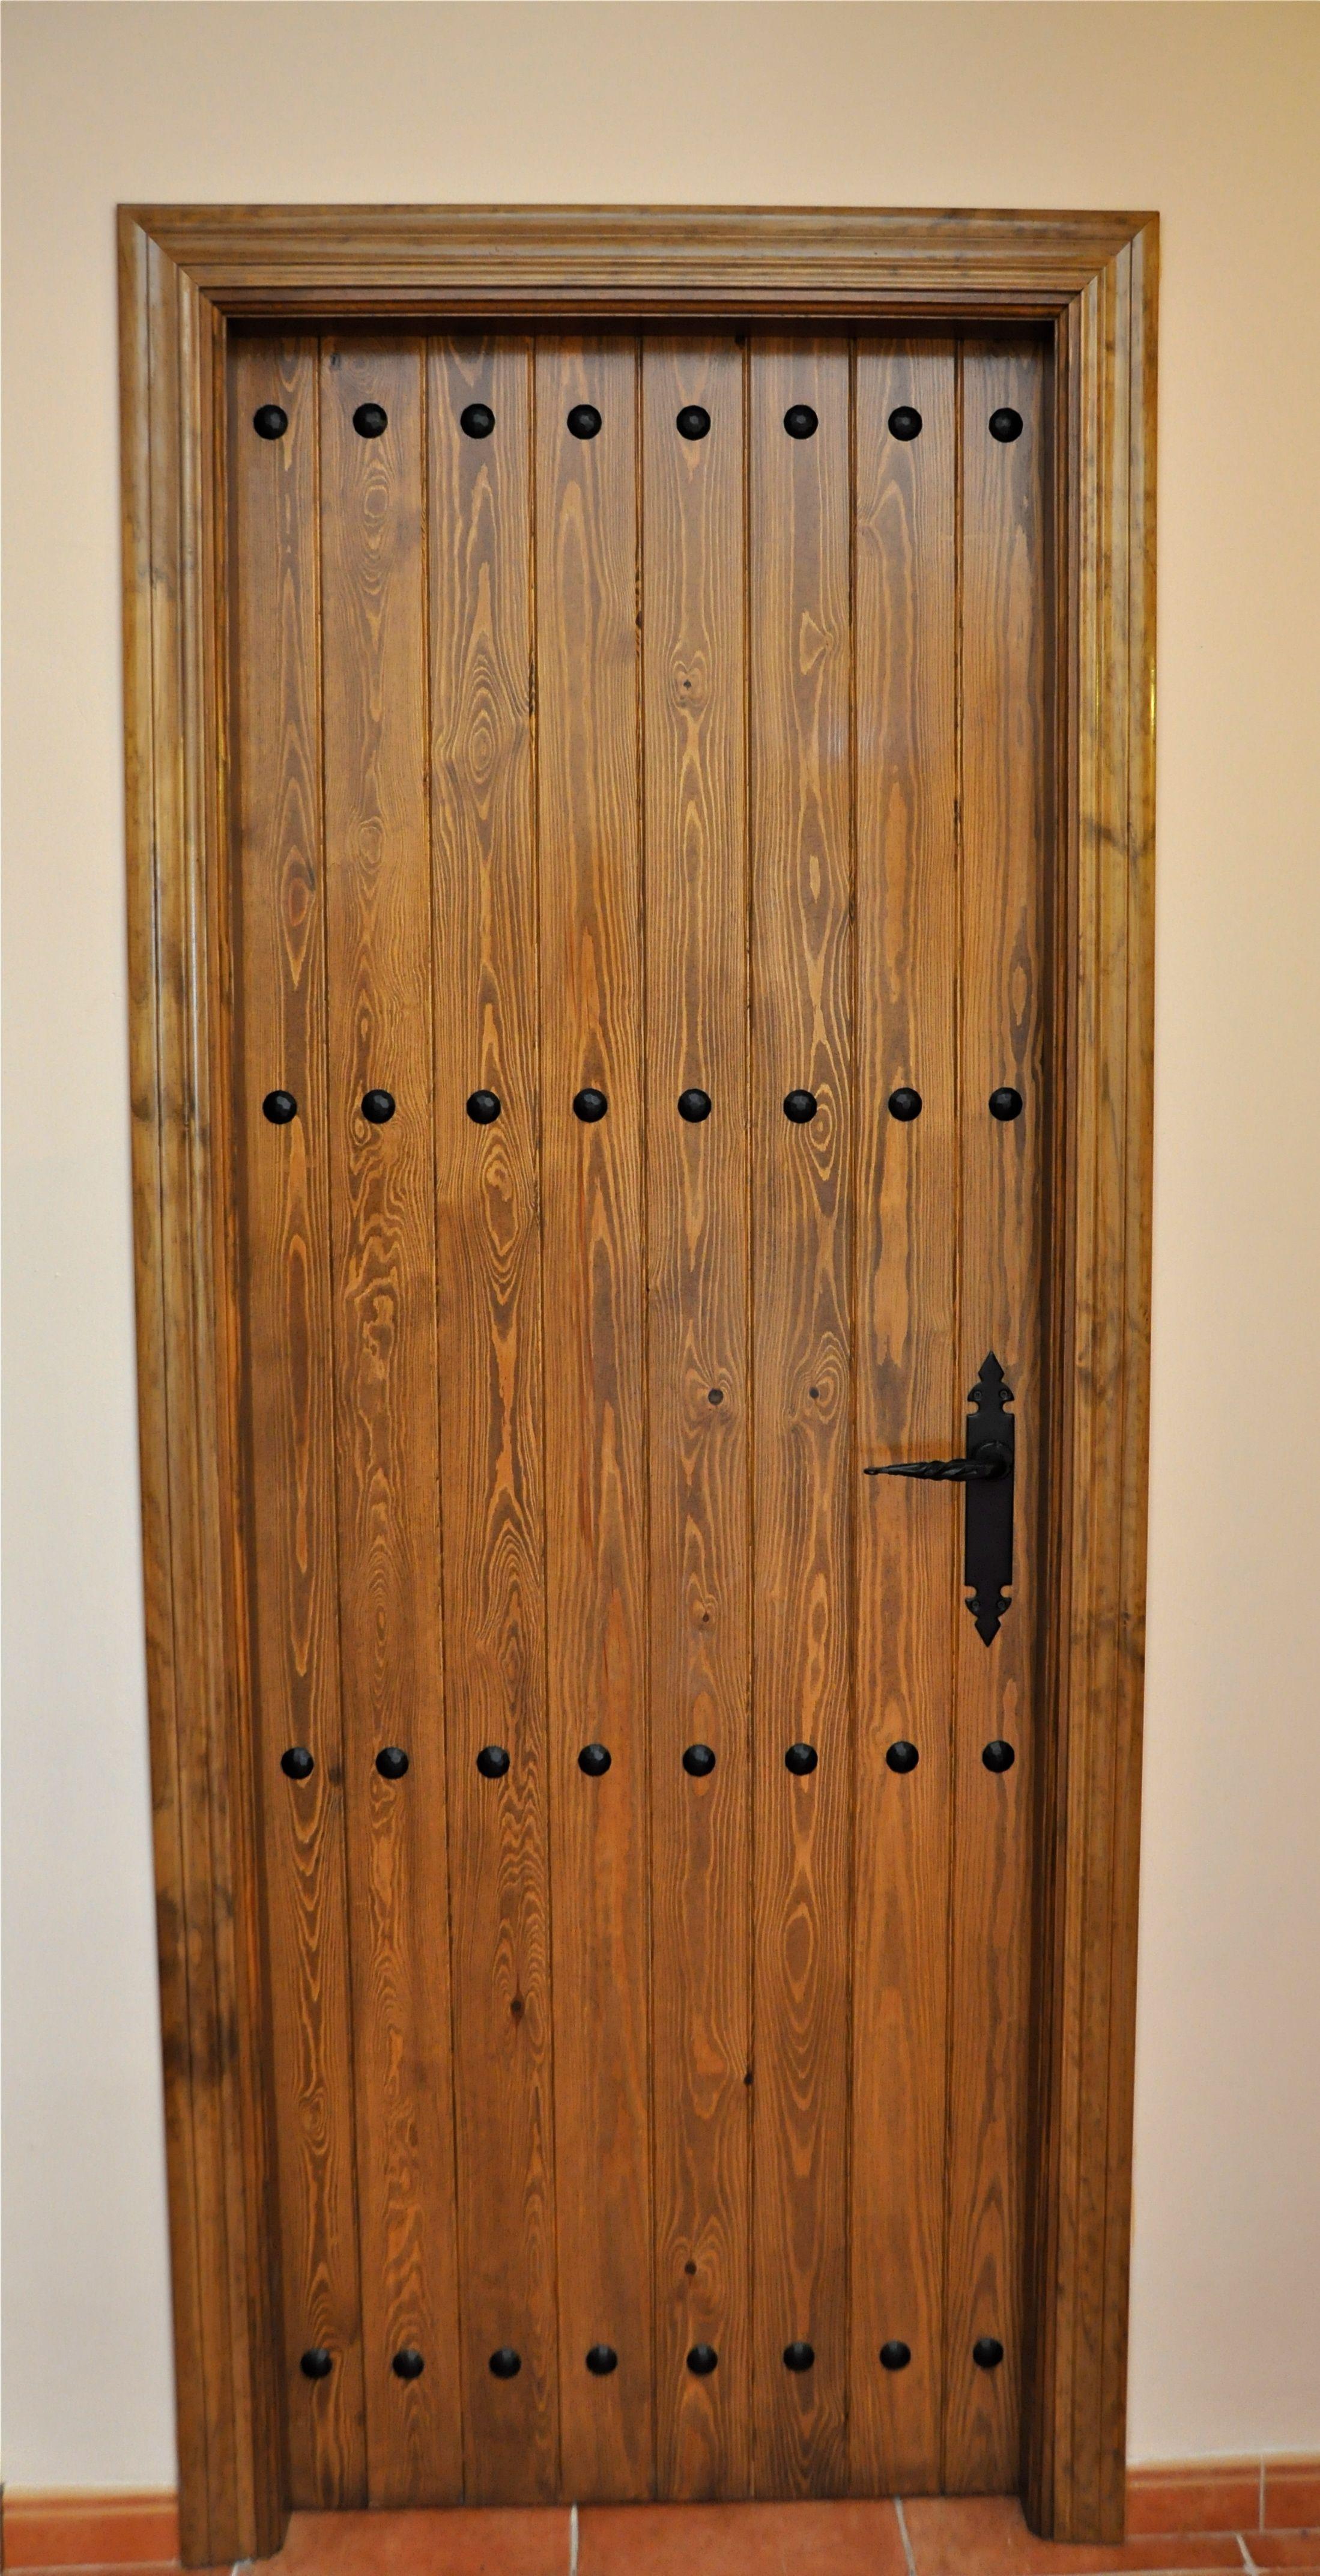 Puerta rustica con clavos gitanos puertas madera for Puertas principales de madera rusticas